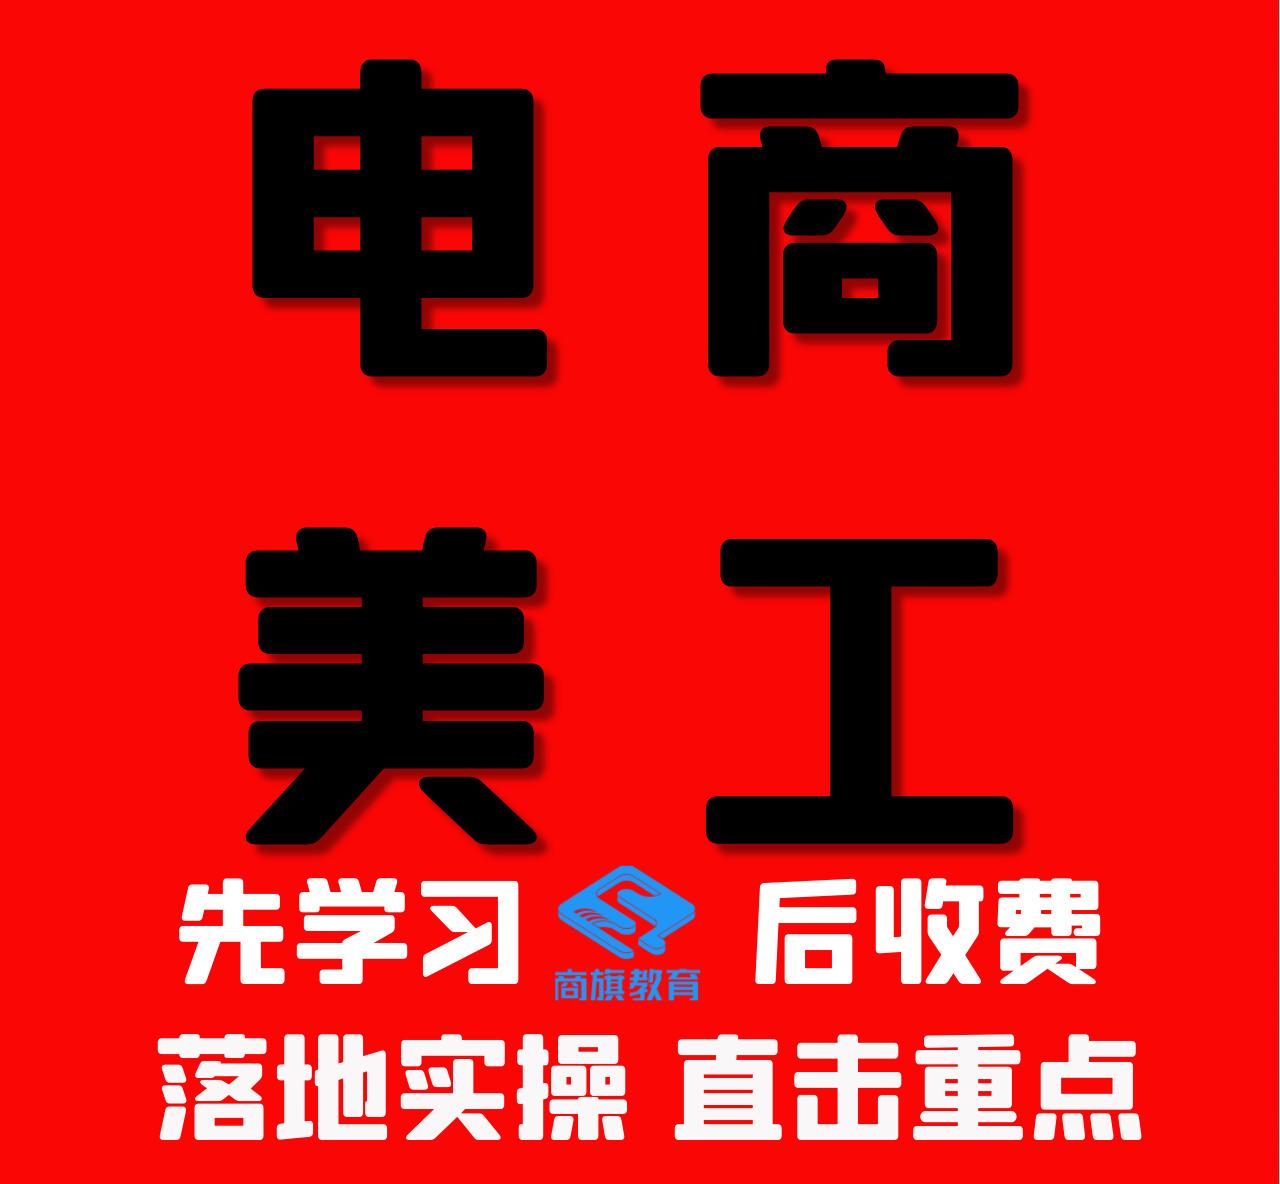 微信图片_20201010104434.jpg